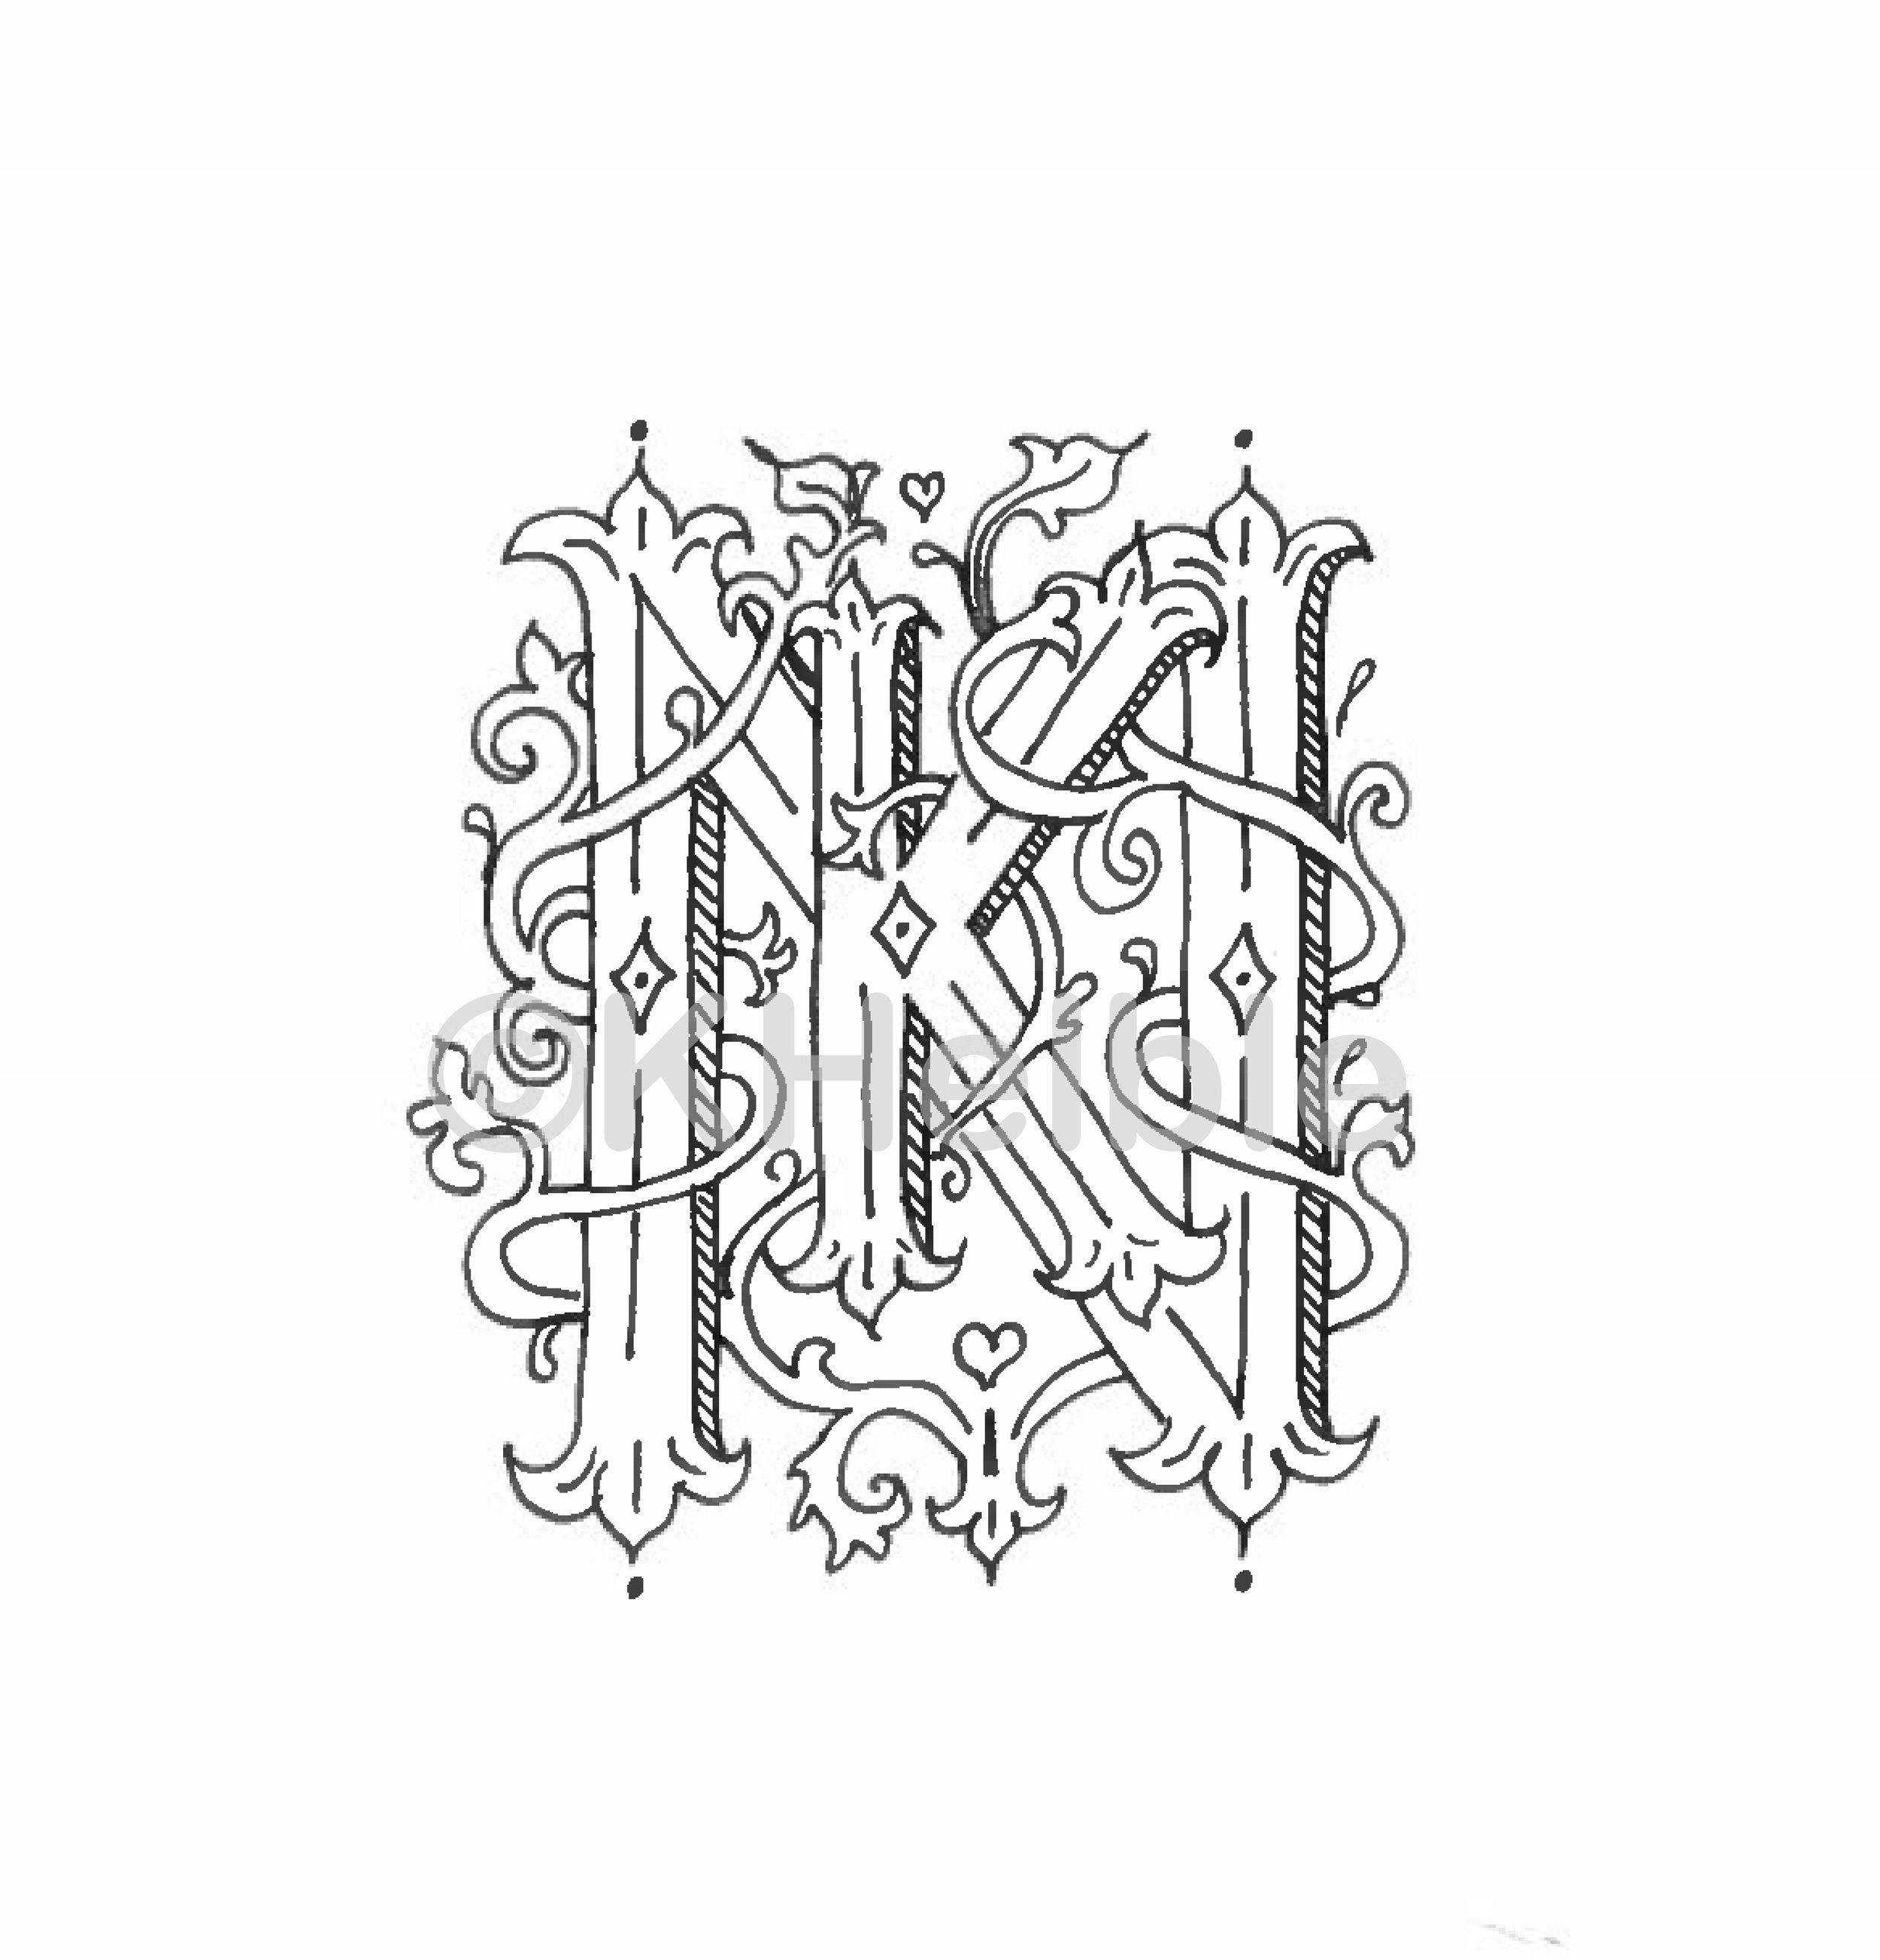 watermarked KN monogram copy.jpg